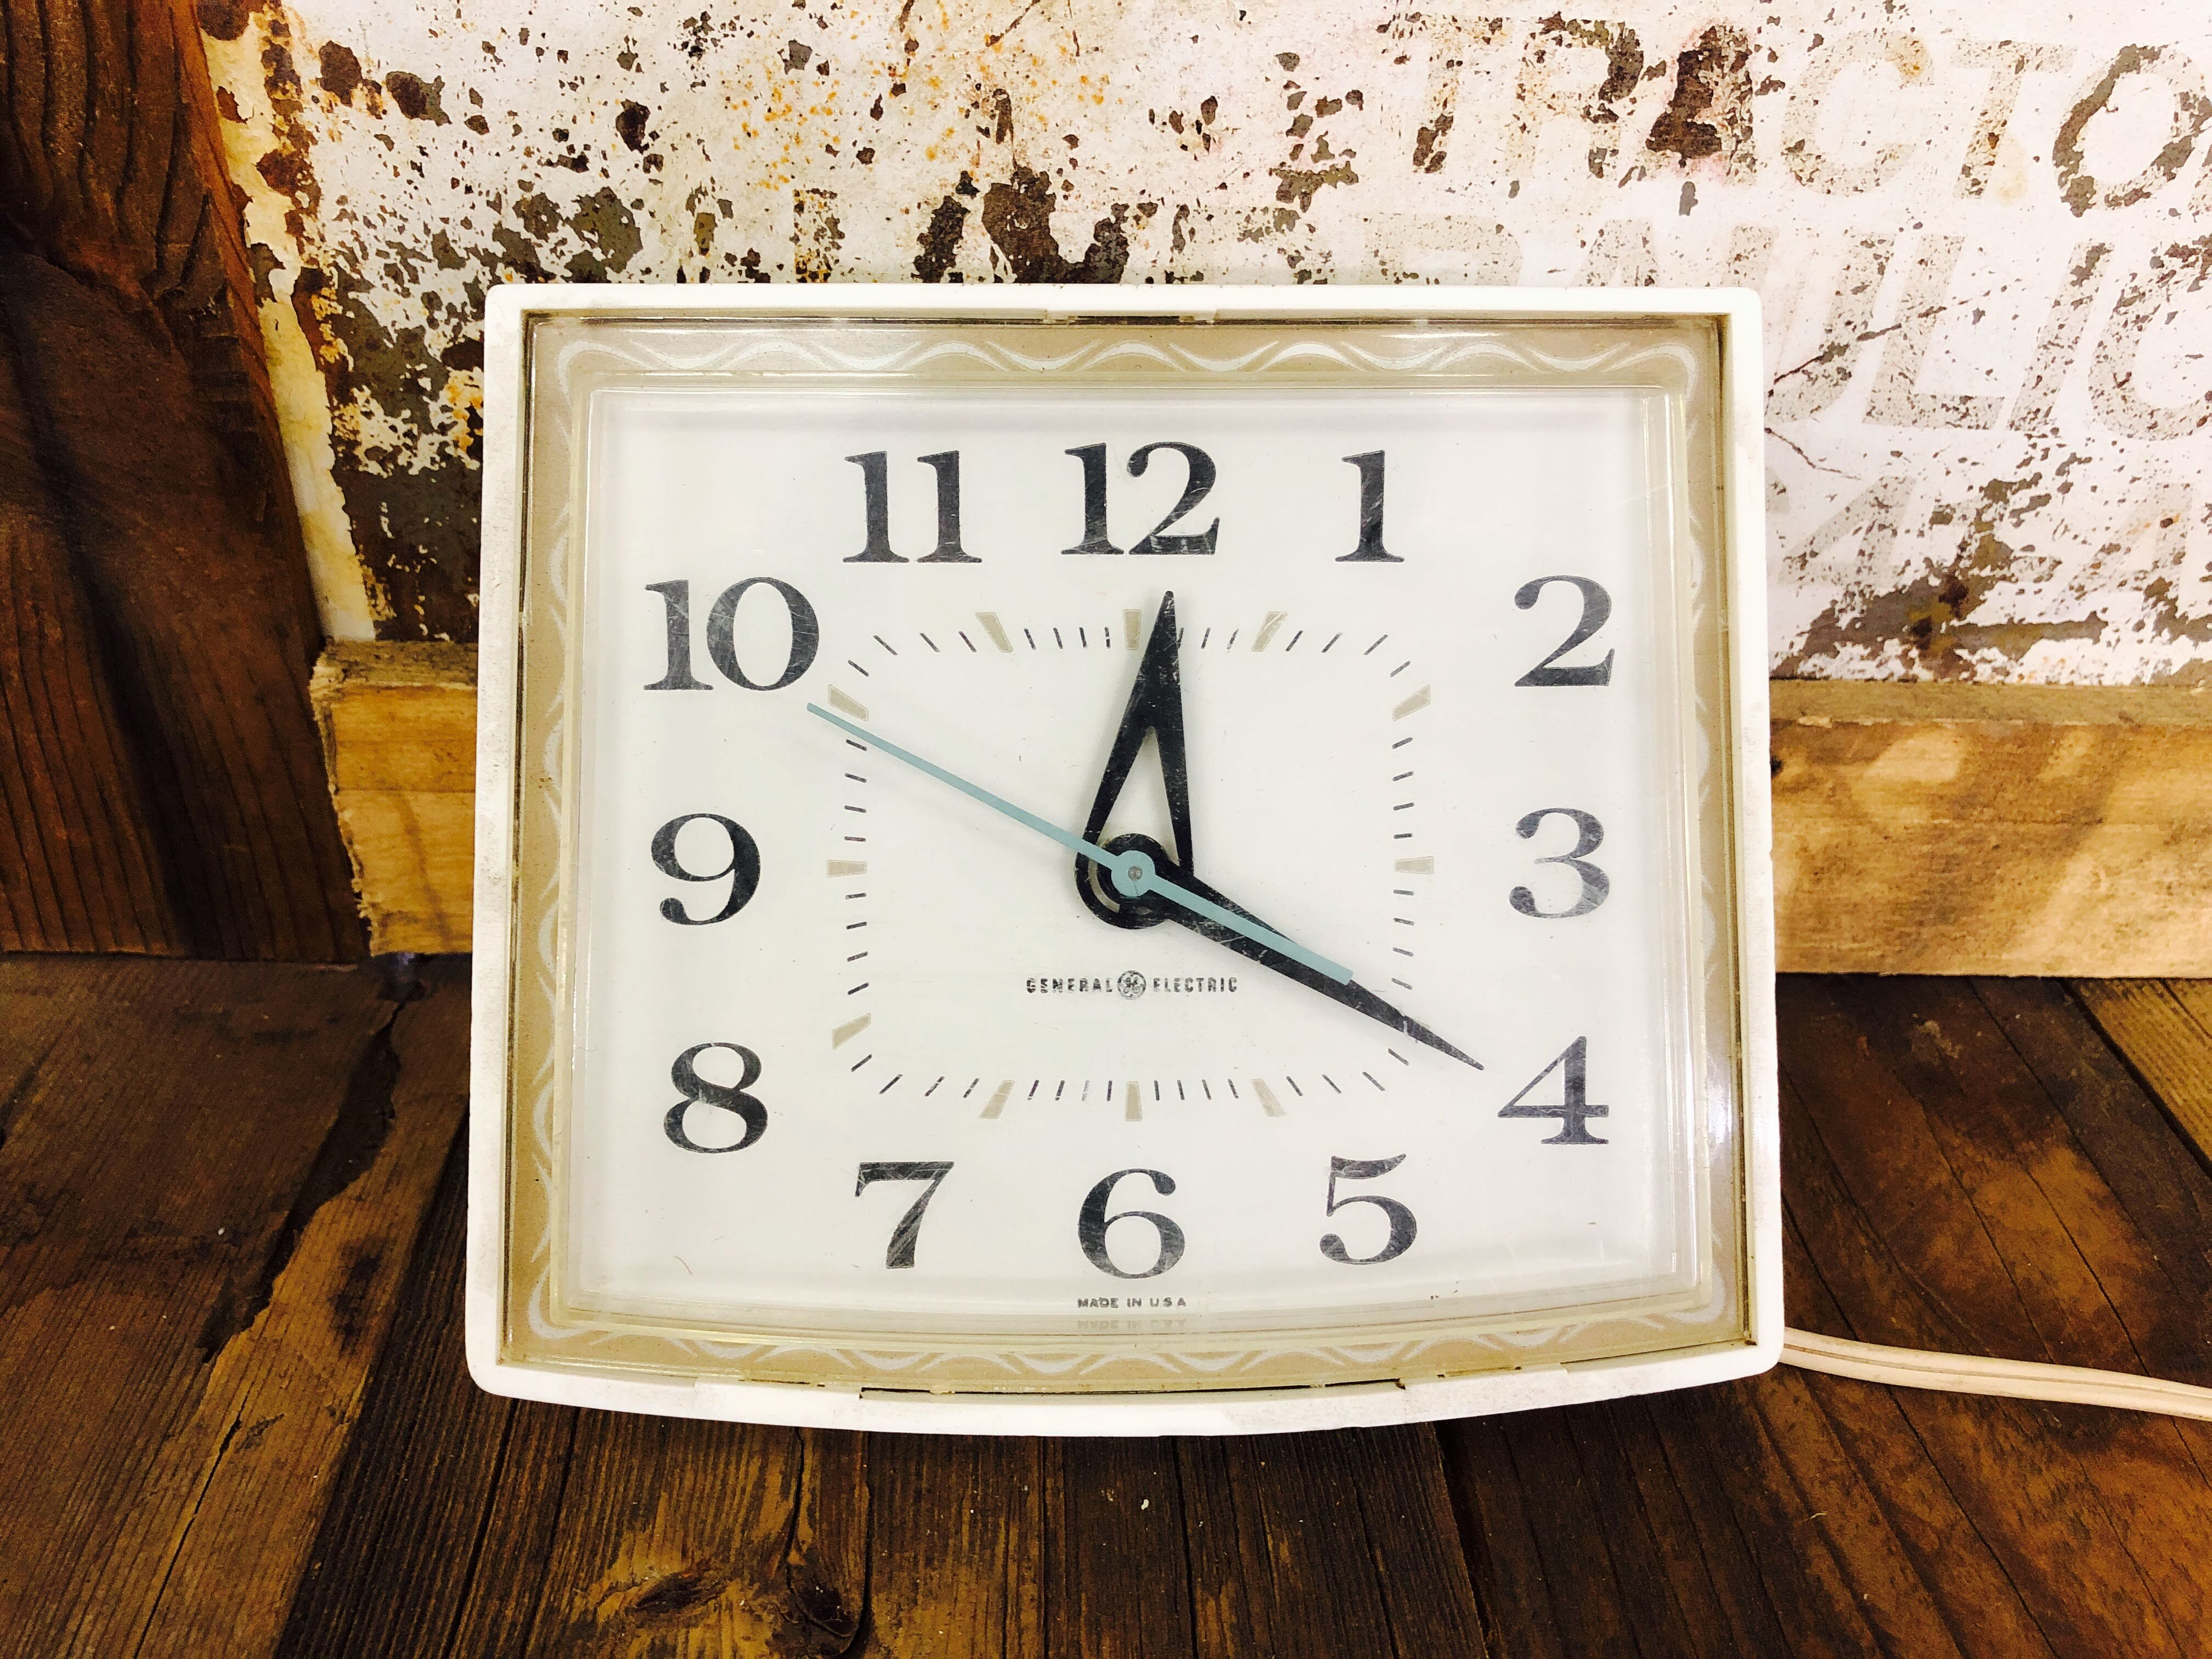 品番0785 置き時計 GENERAL ELECTRIC(ゼネラルエレクトリック) グリーン インテリア アンティーク ヴィンテージ